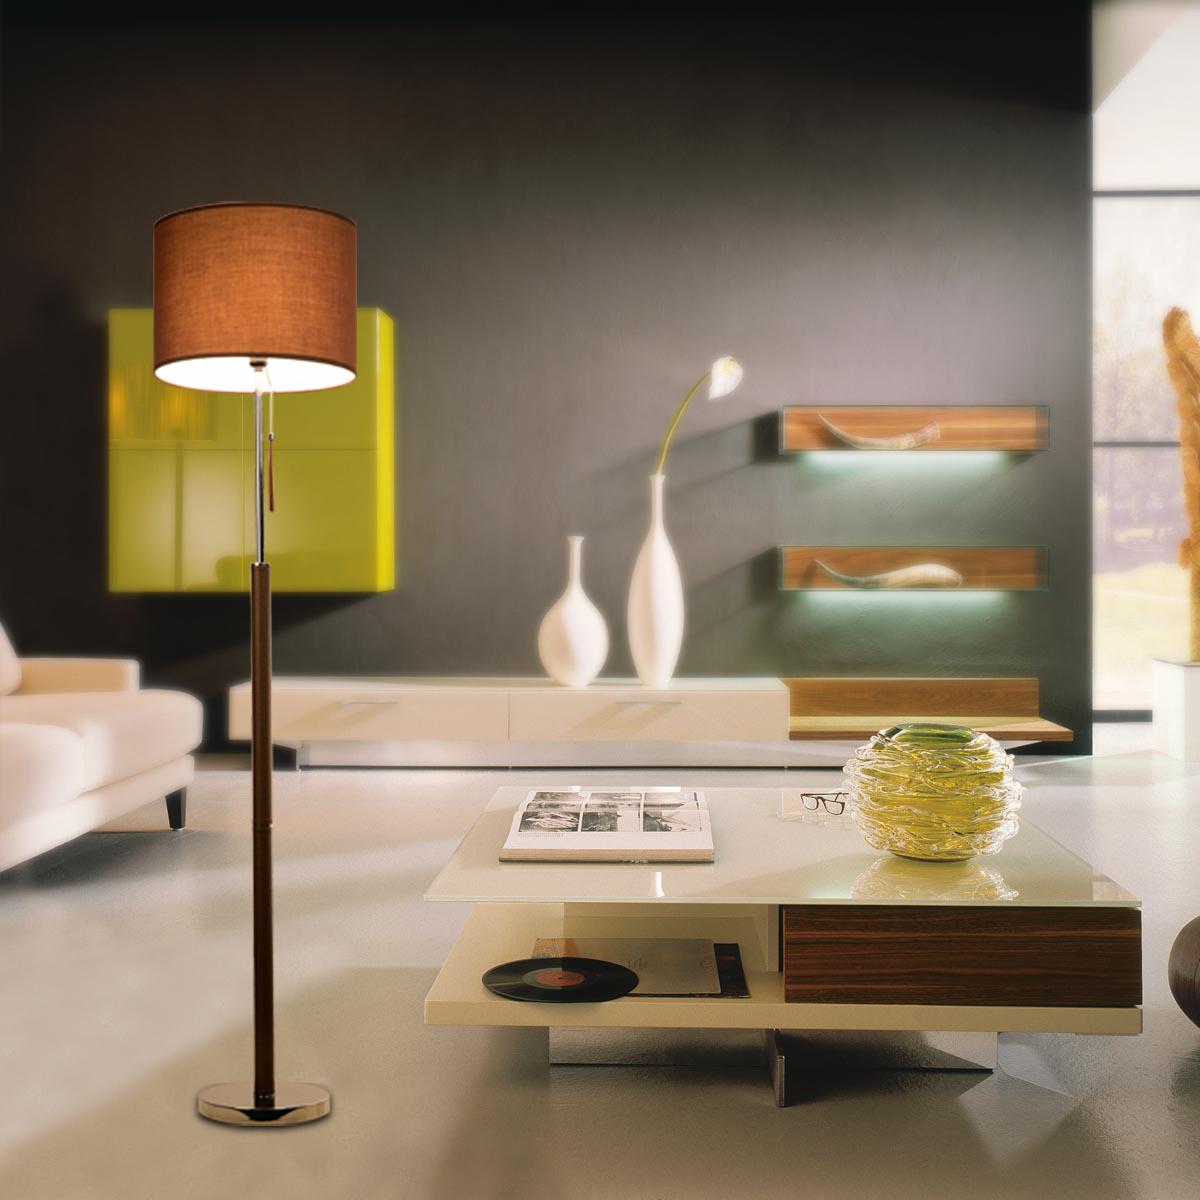 «Fei Хьюн» китайский современный стиль дома гостиная спальня изголовья кожи торшер LD4033